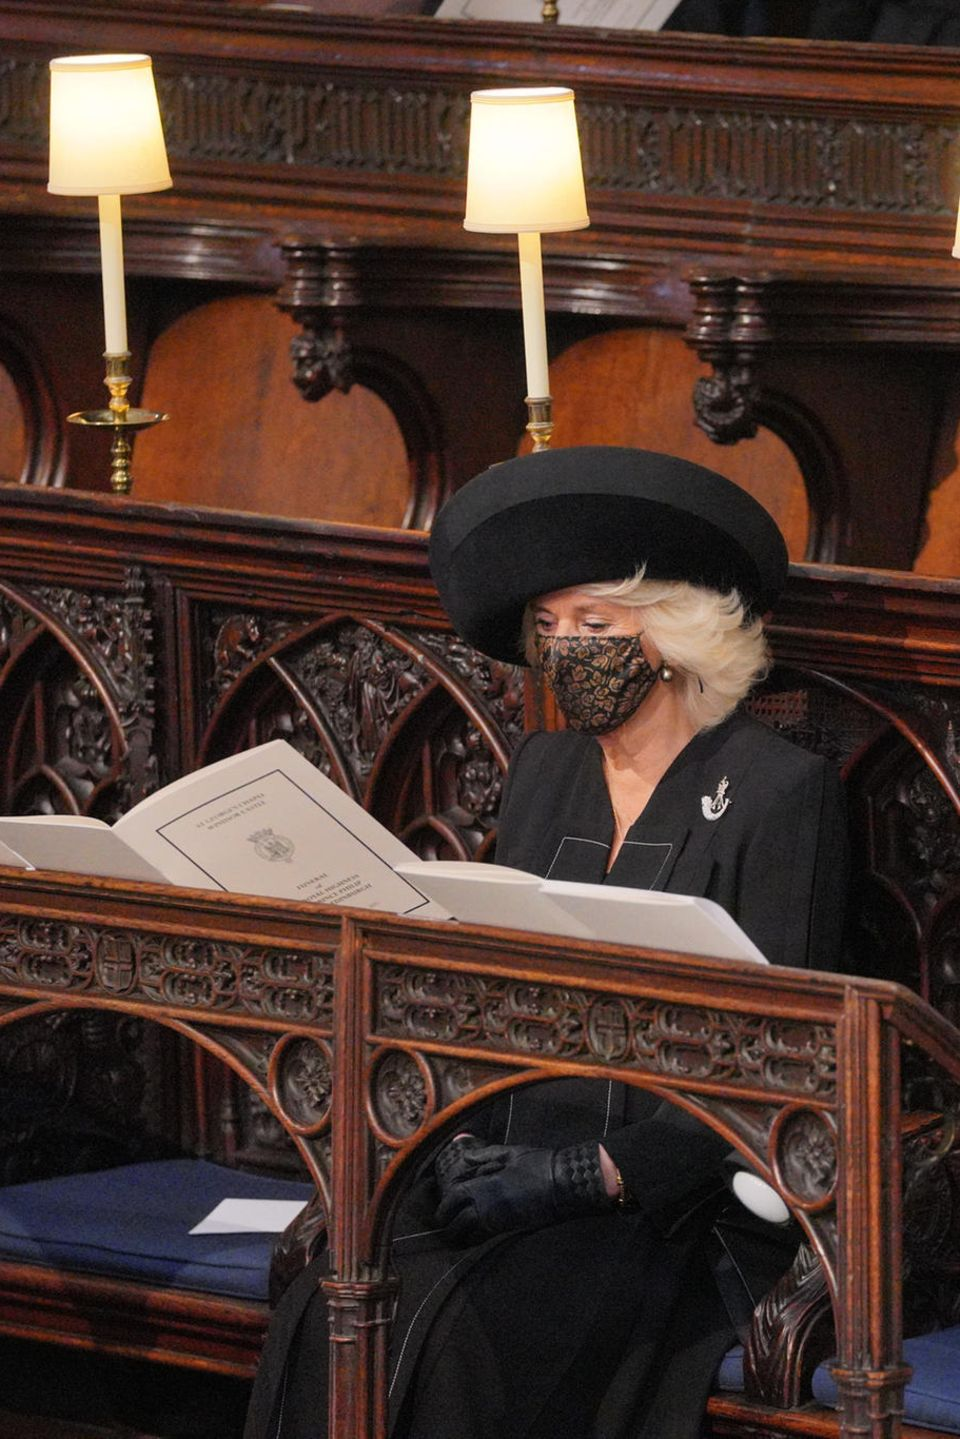 Herzogin Camilla bei der Trauerfeier für Prinz Philip (†) am 17. April 2021.